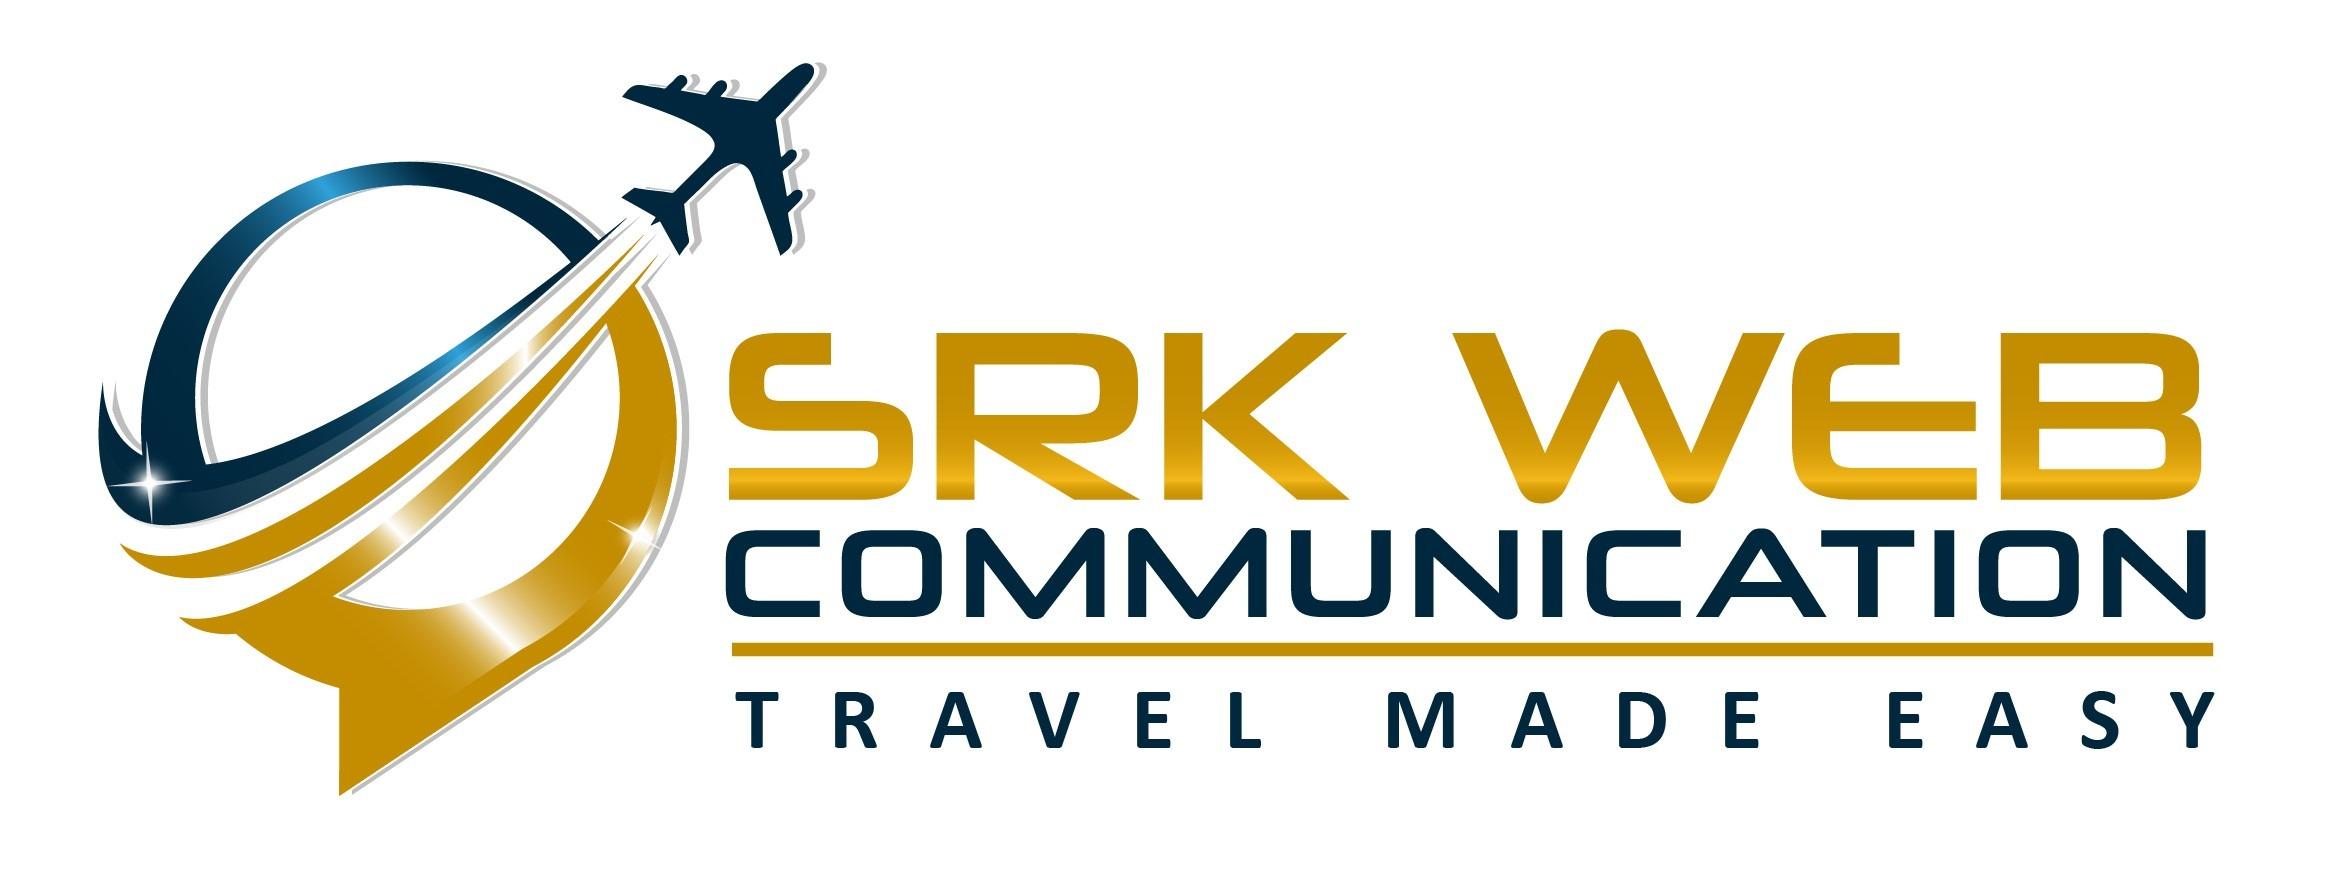 /var/www/html/wp-content/uploads/2018/10/SRK-WEB-COMMUNICATION-2